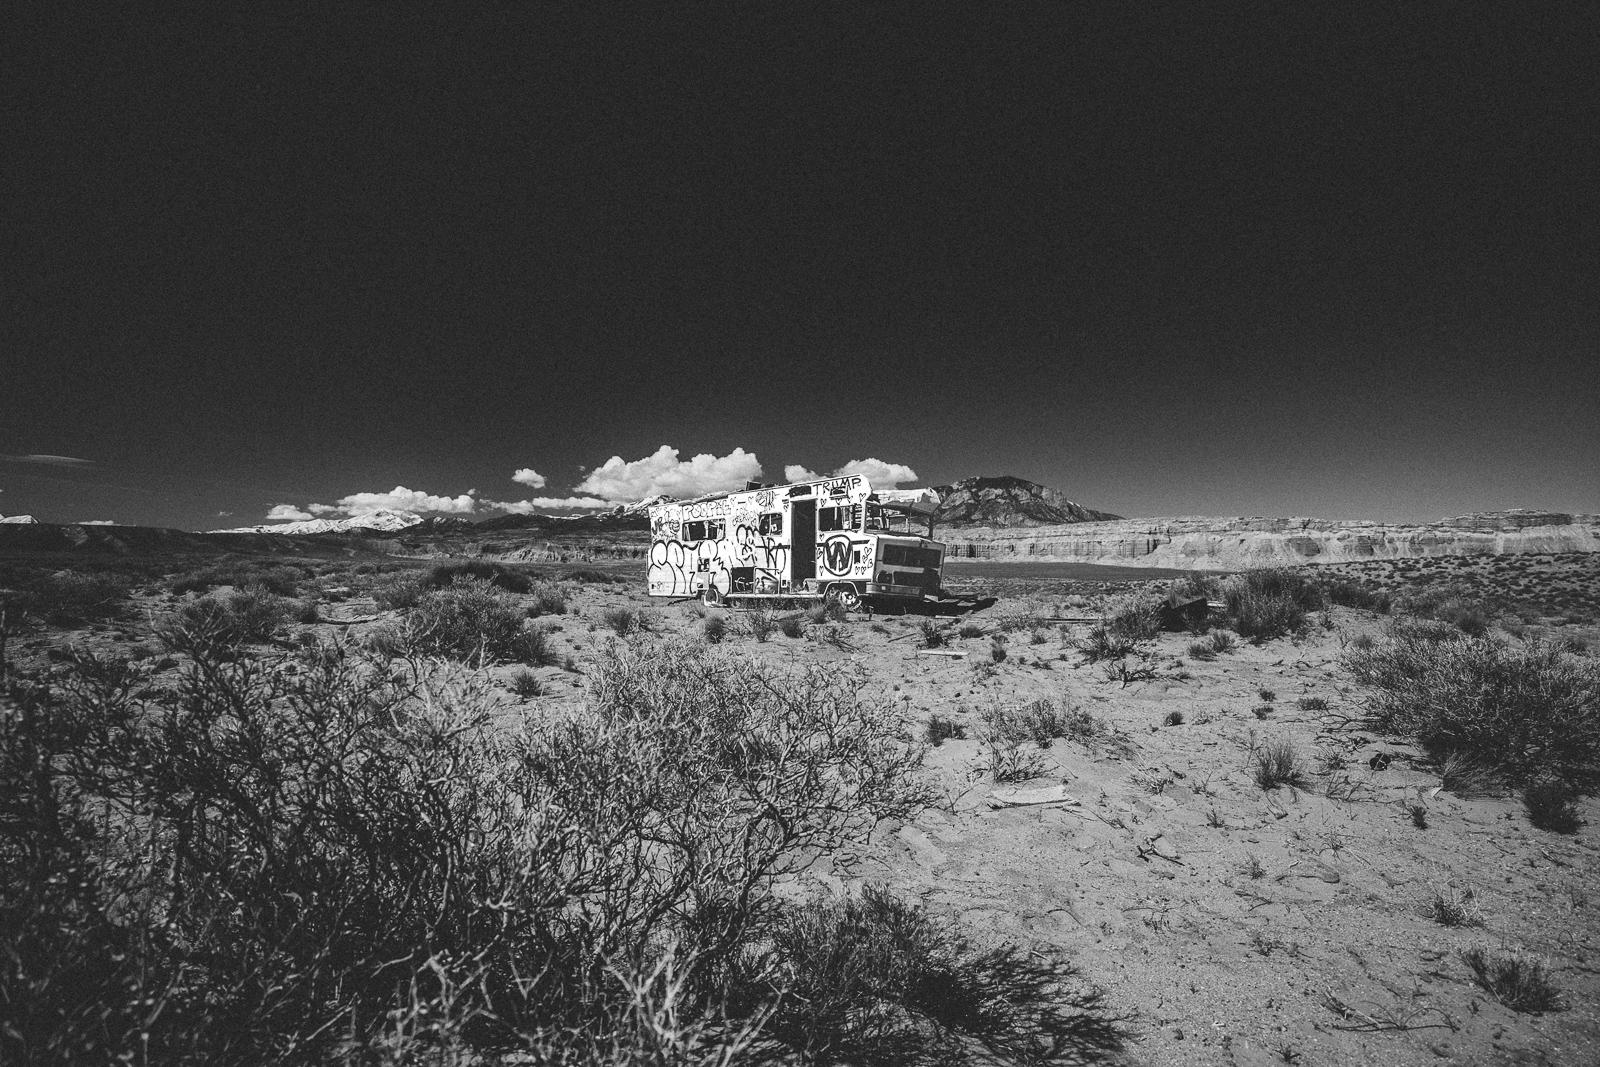 vltrr-detroit-collage-john-sippel-art-photography-desert-graffiti.jpg